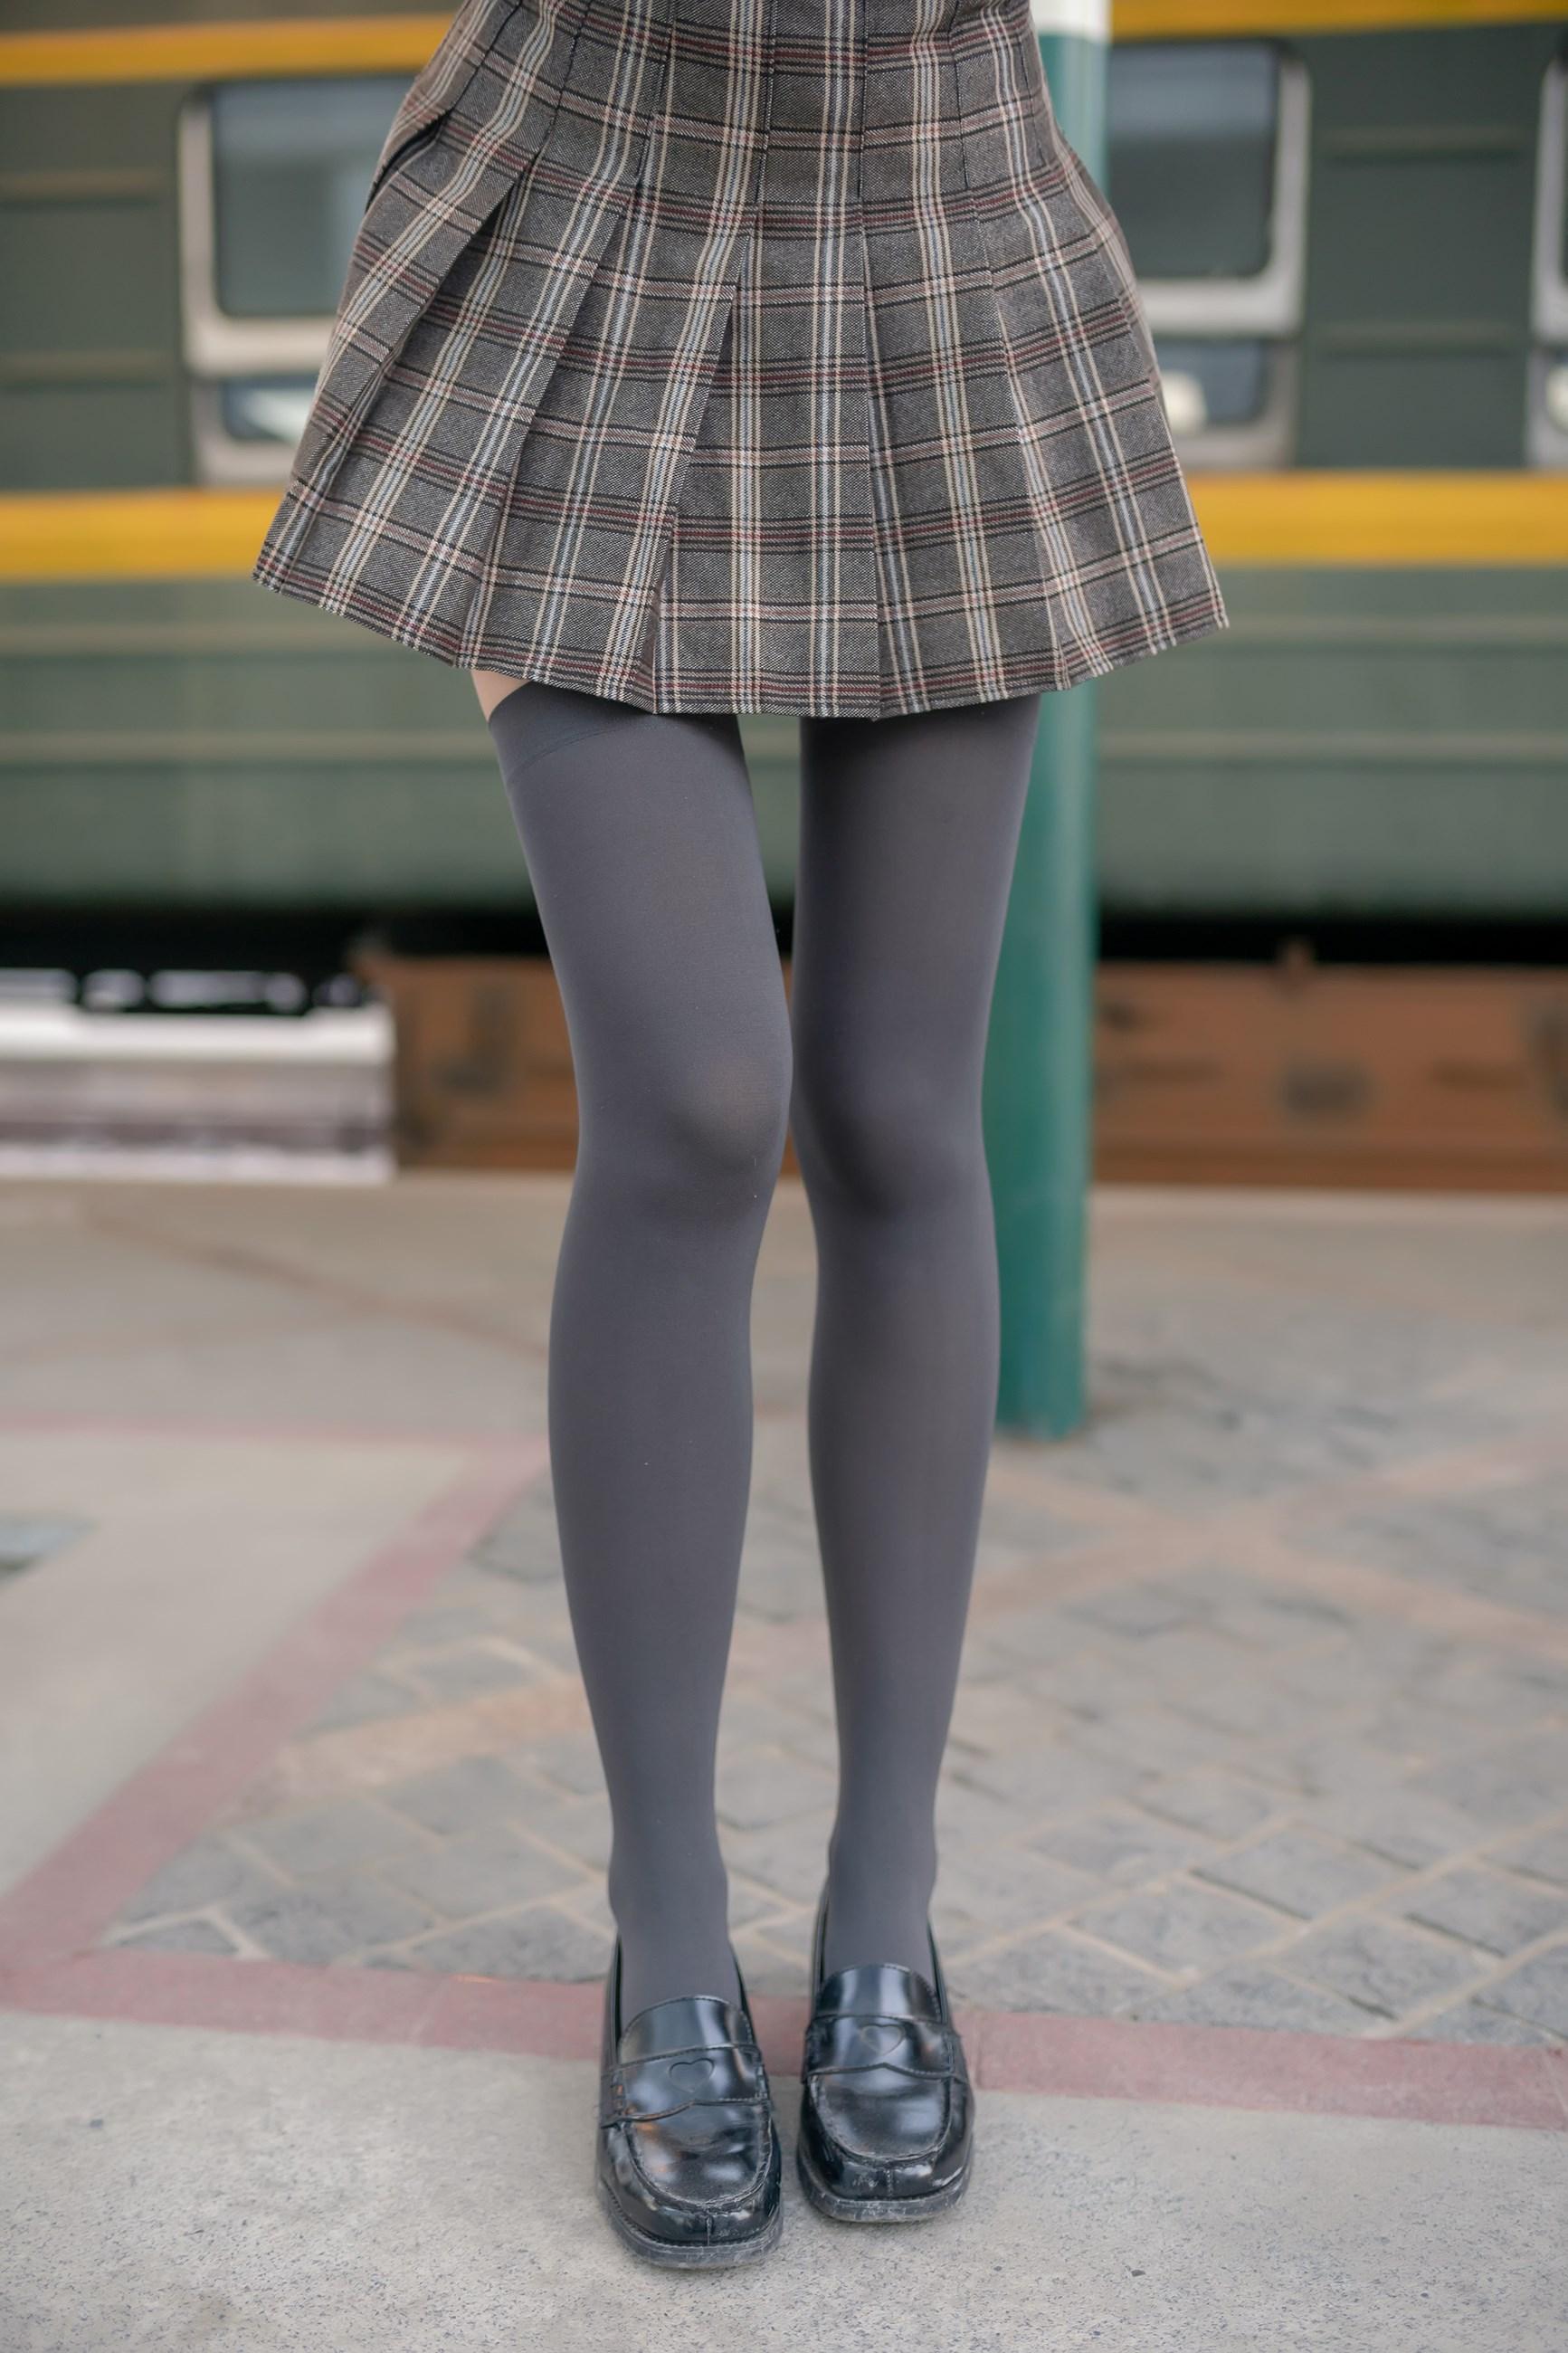 【兔玩映画】这个腿也太棒了吧! 兔玩映画 第40张